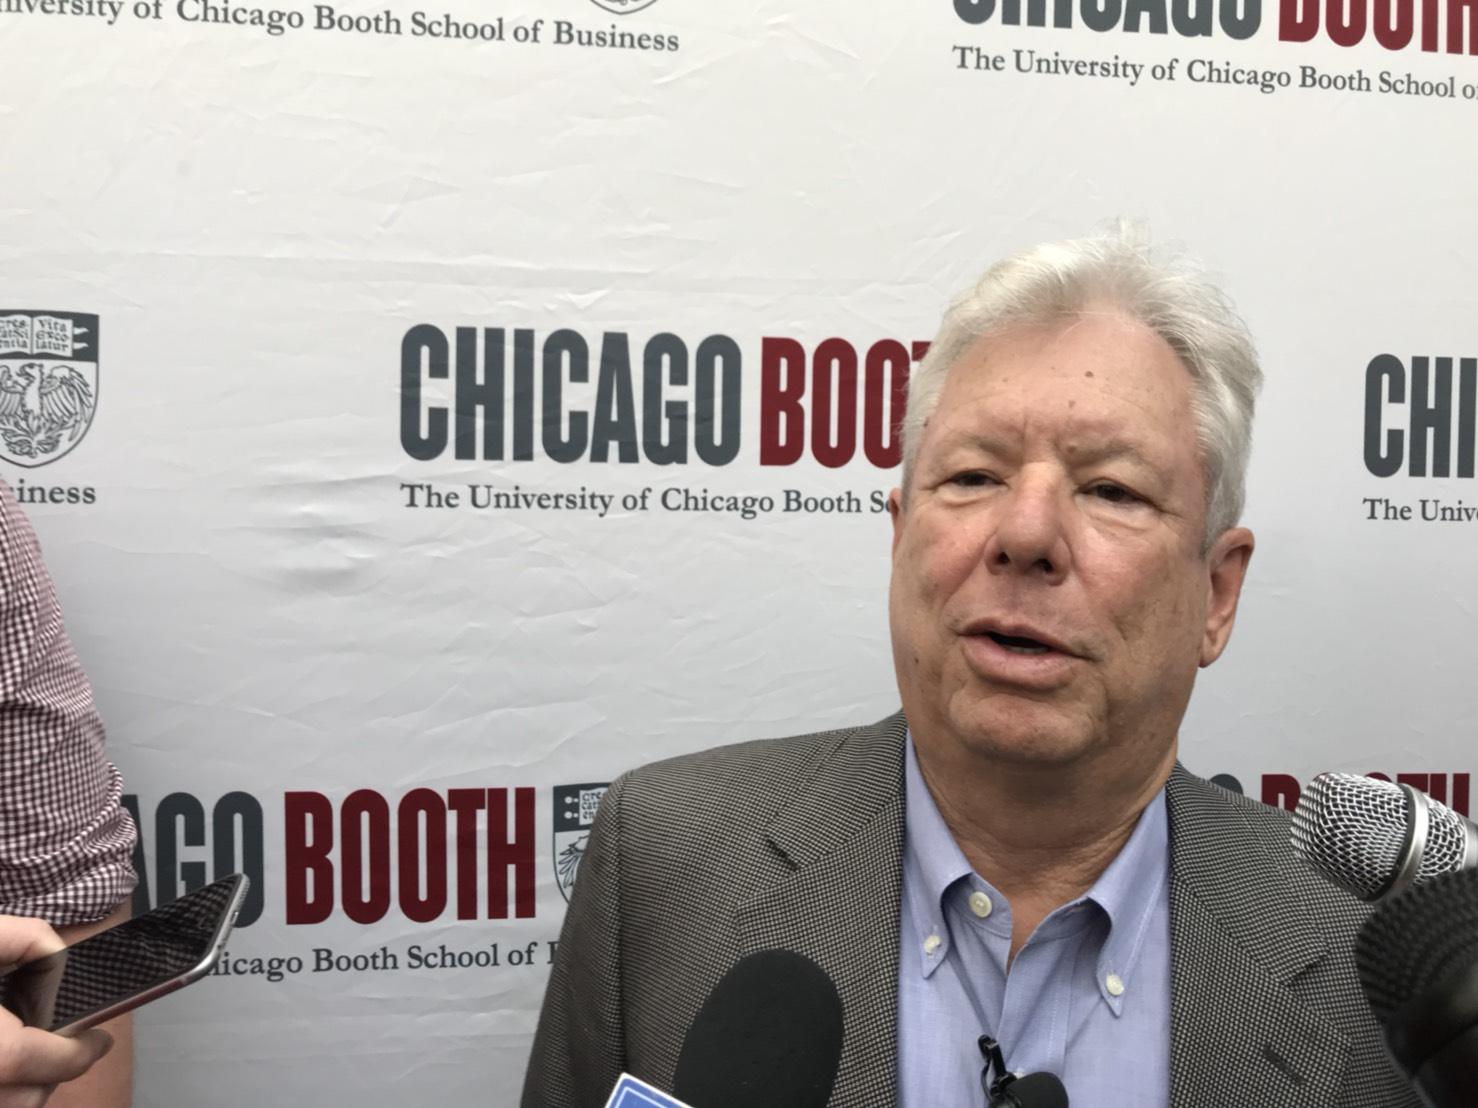 今年諾貝爾經濟學獎得主塞勒在任教的芝加哥大學布斯商學院受訪。(特派員黃惠玲/攝影)